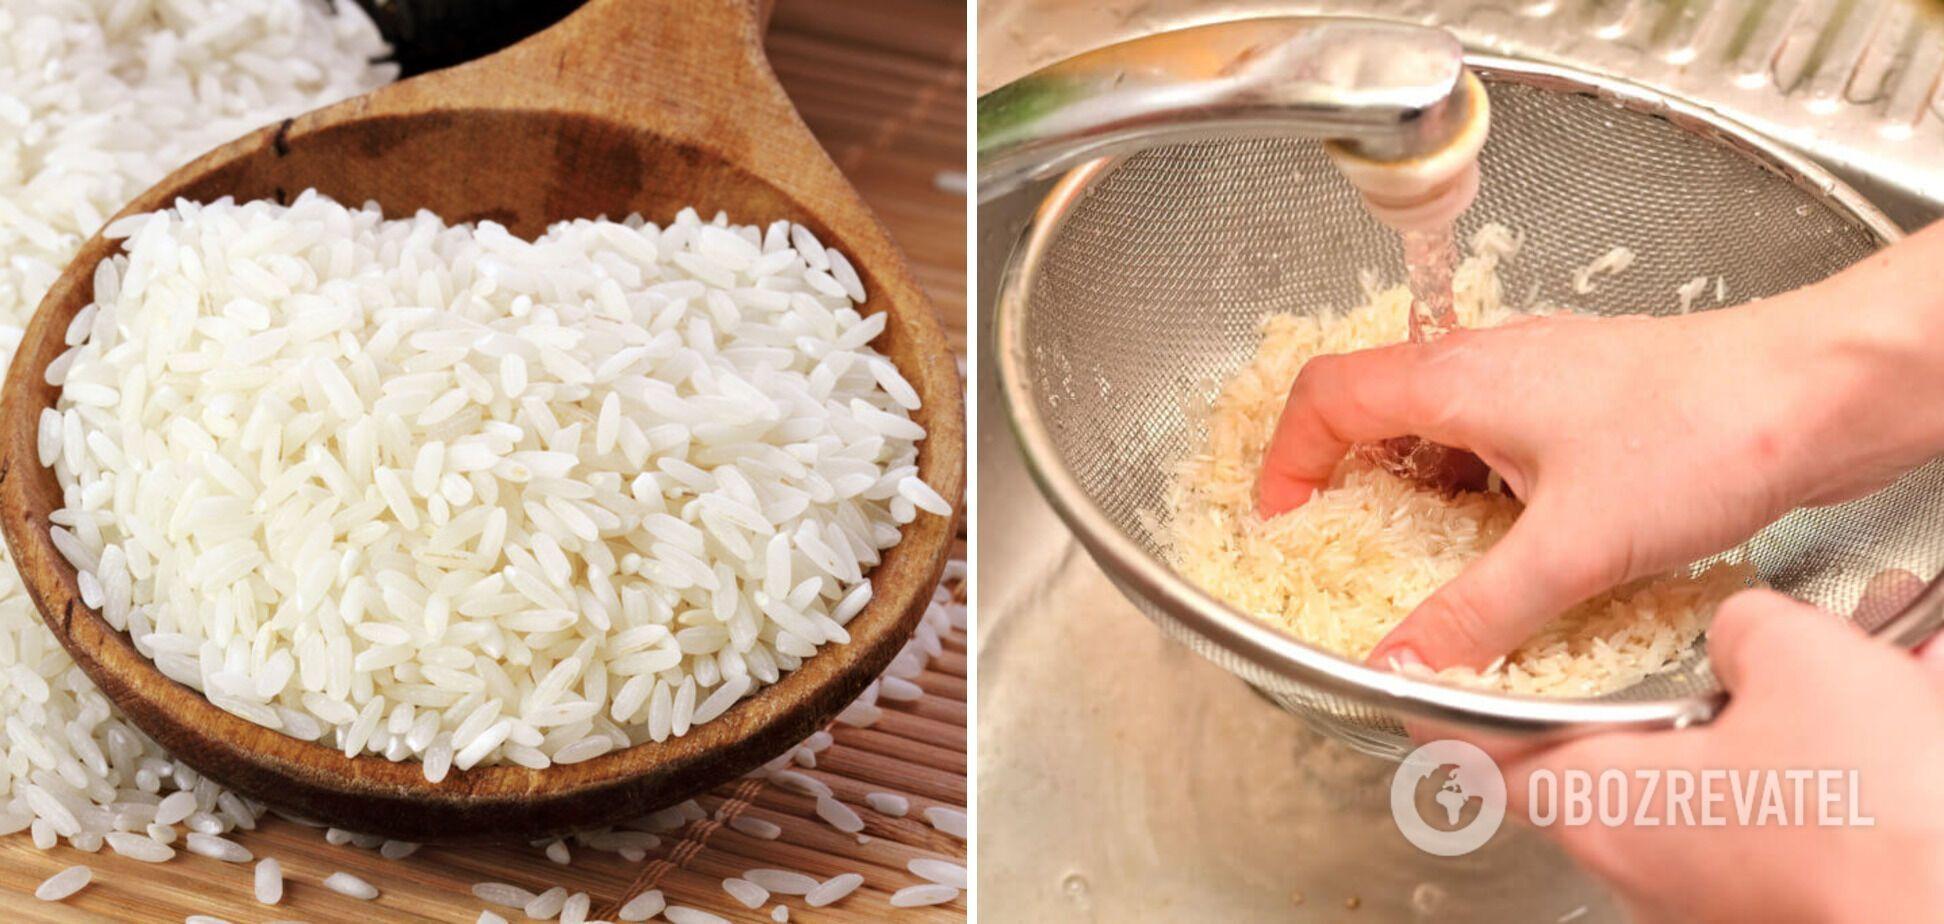 Процес промивання рису